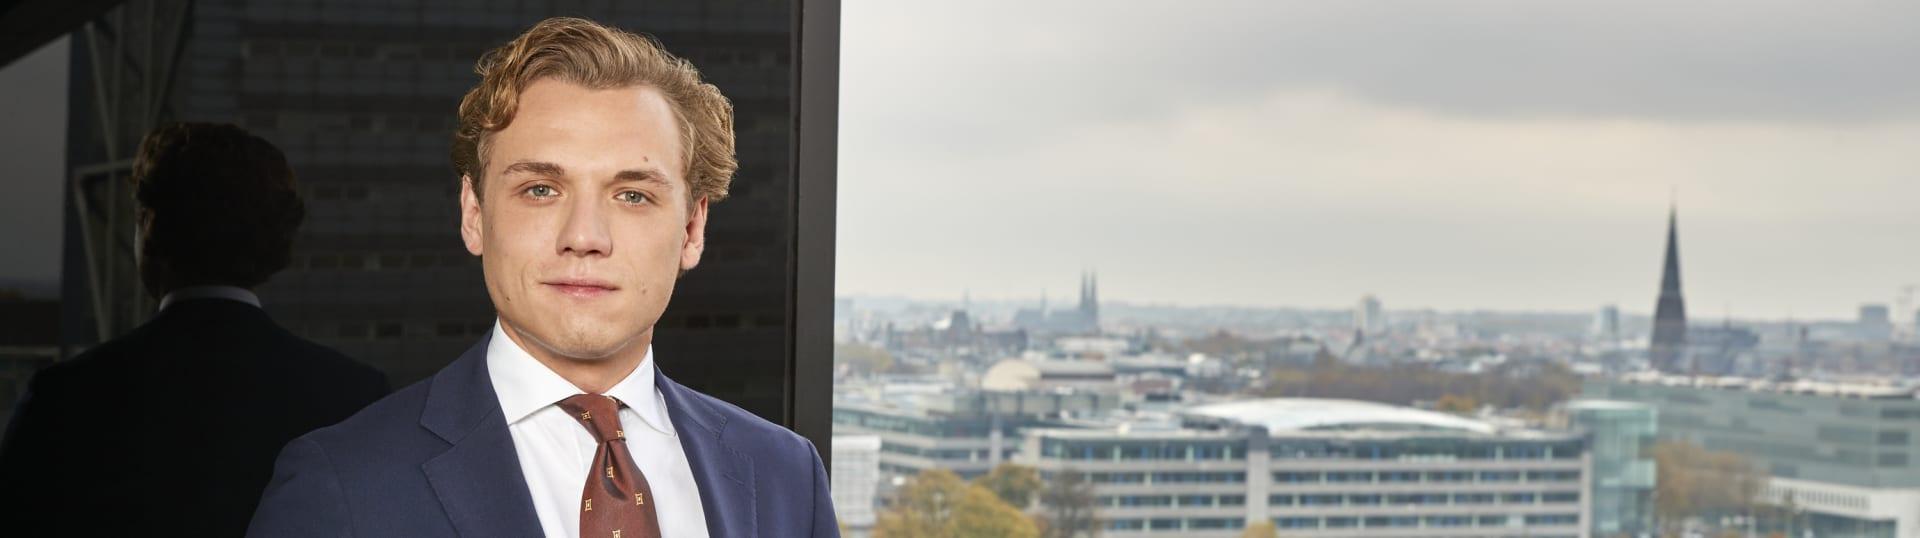 Max Pijlman, advocaat Pels Rijcken